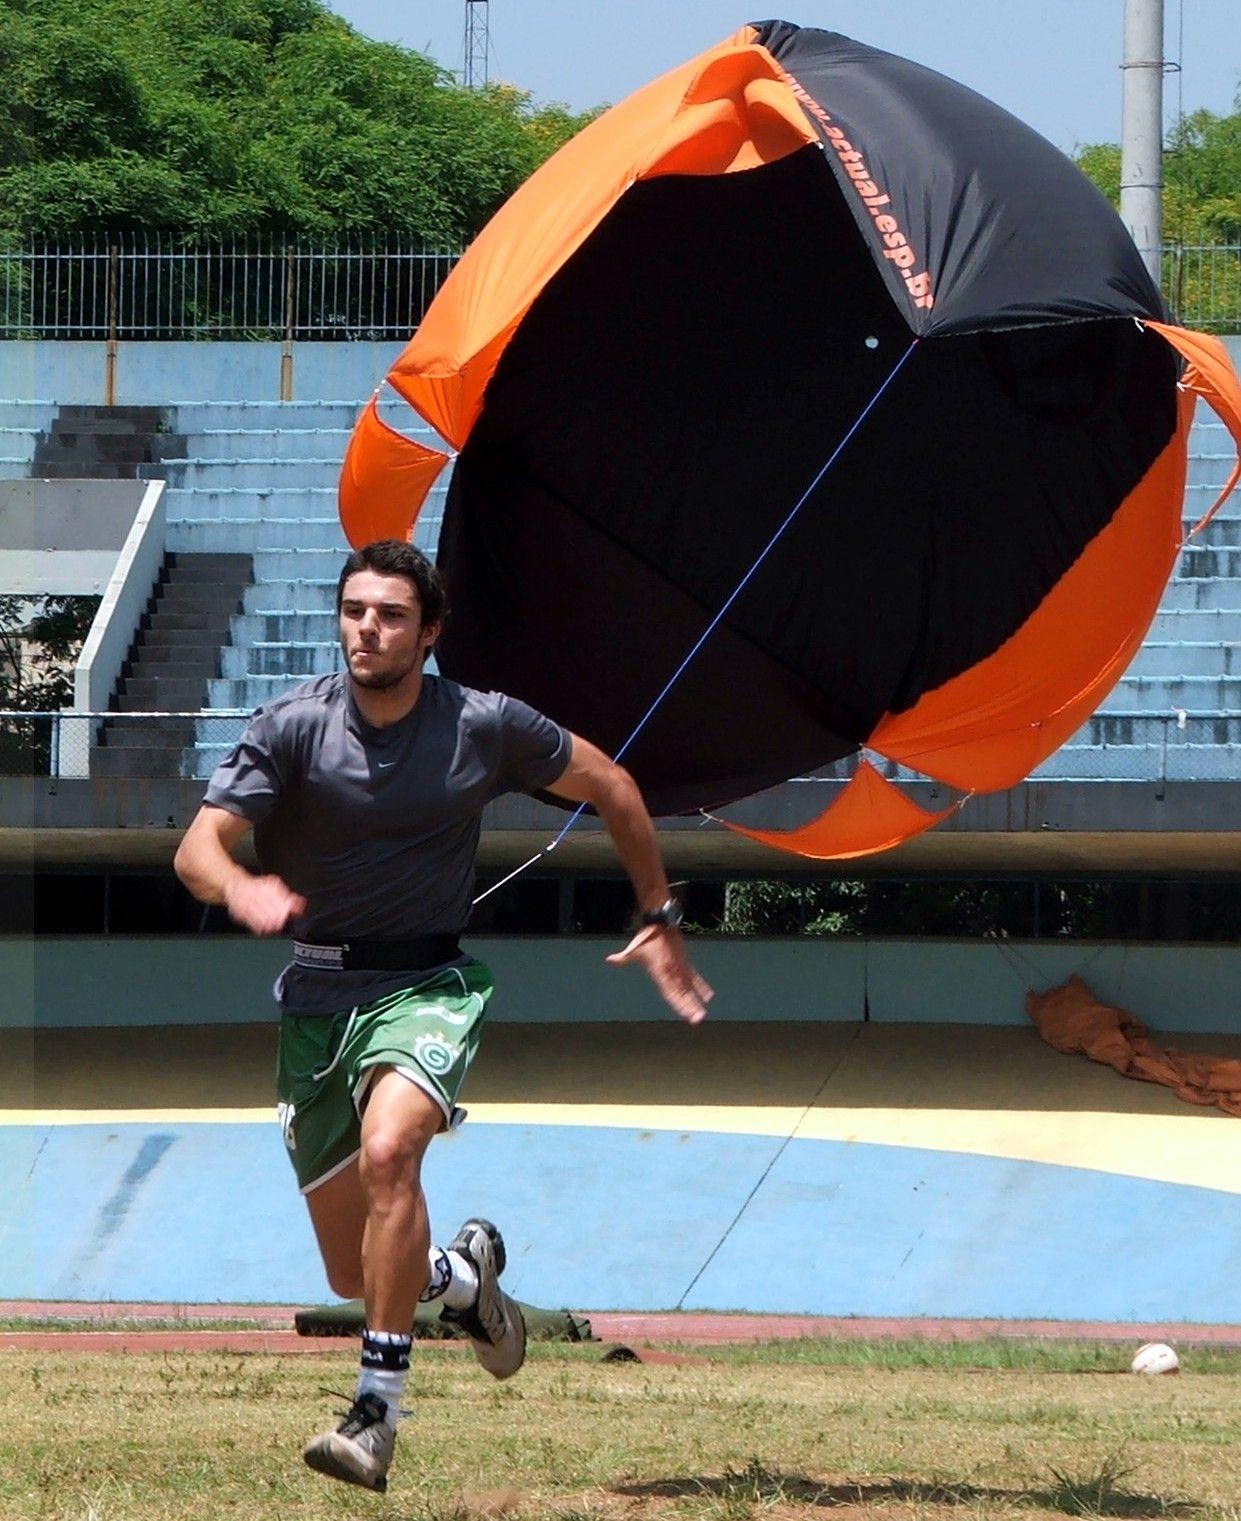 paraquedas corridas em treino intenso no estádio Ícaro de Castro Mello